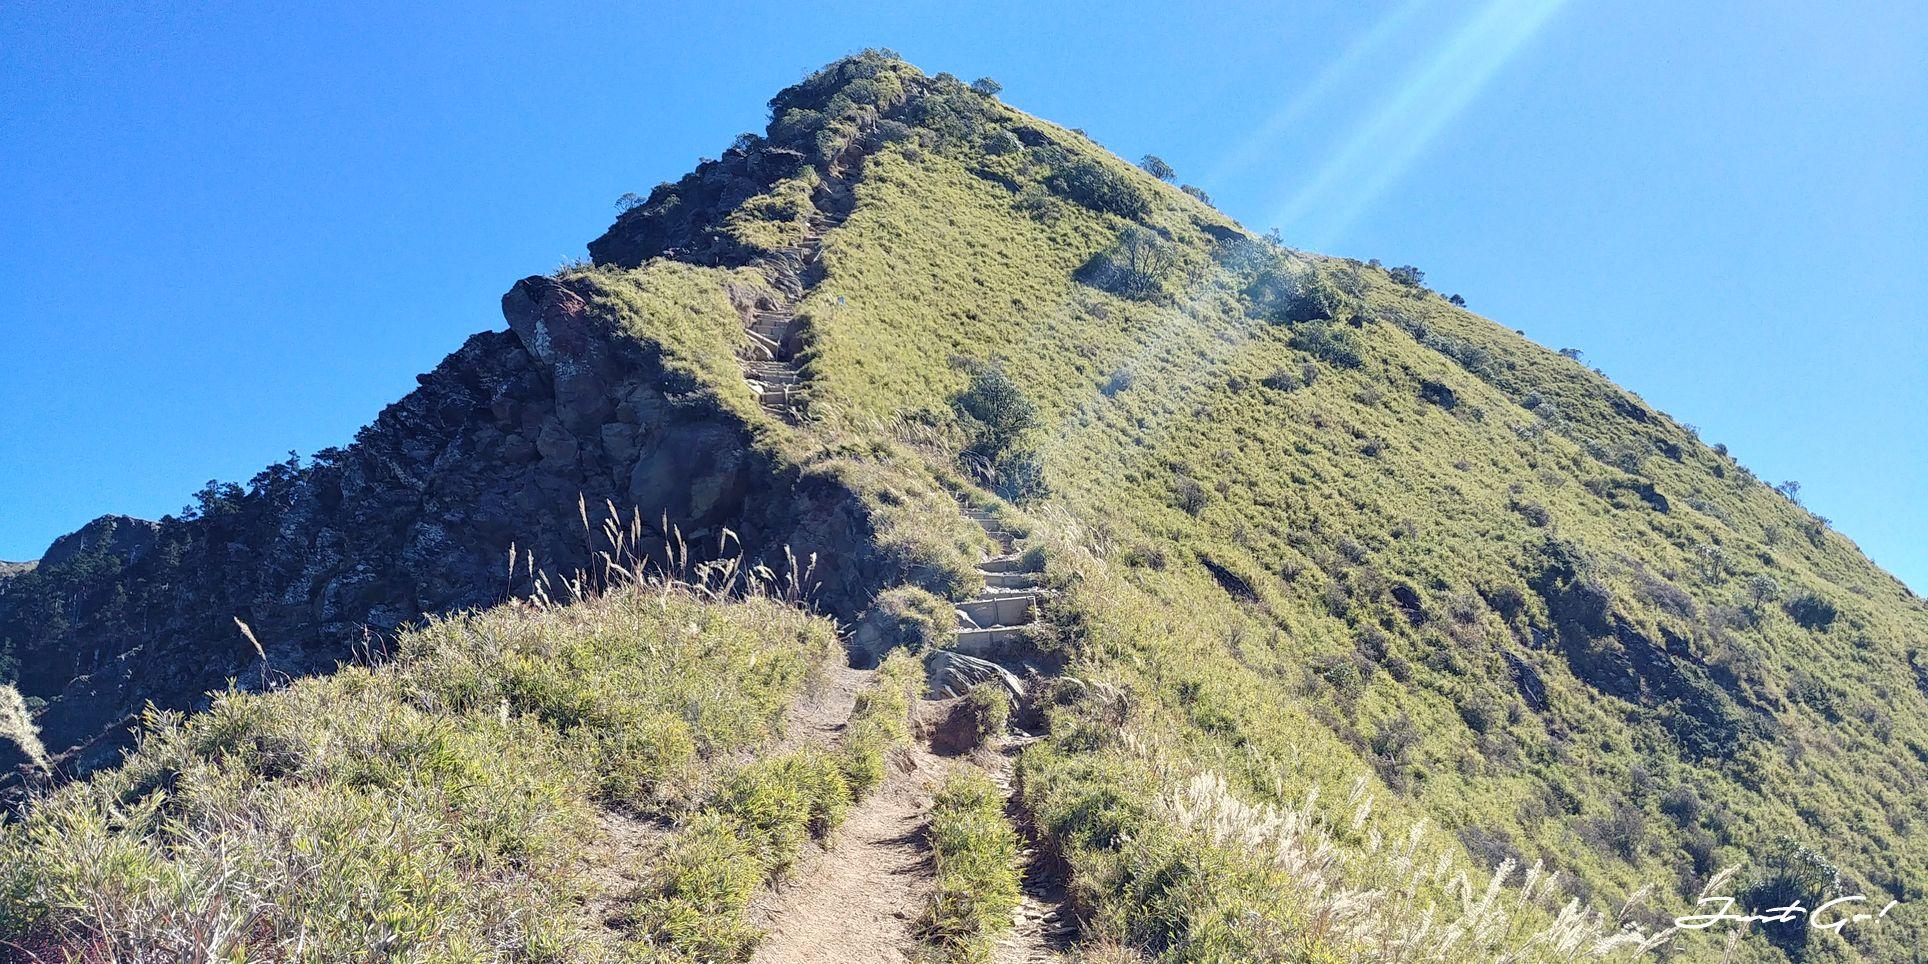 一日百岳·9小時單攻合歡西峰北峰-地圖gpx、行程規劃、申請、登山口28